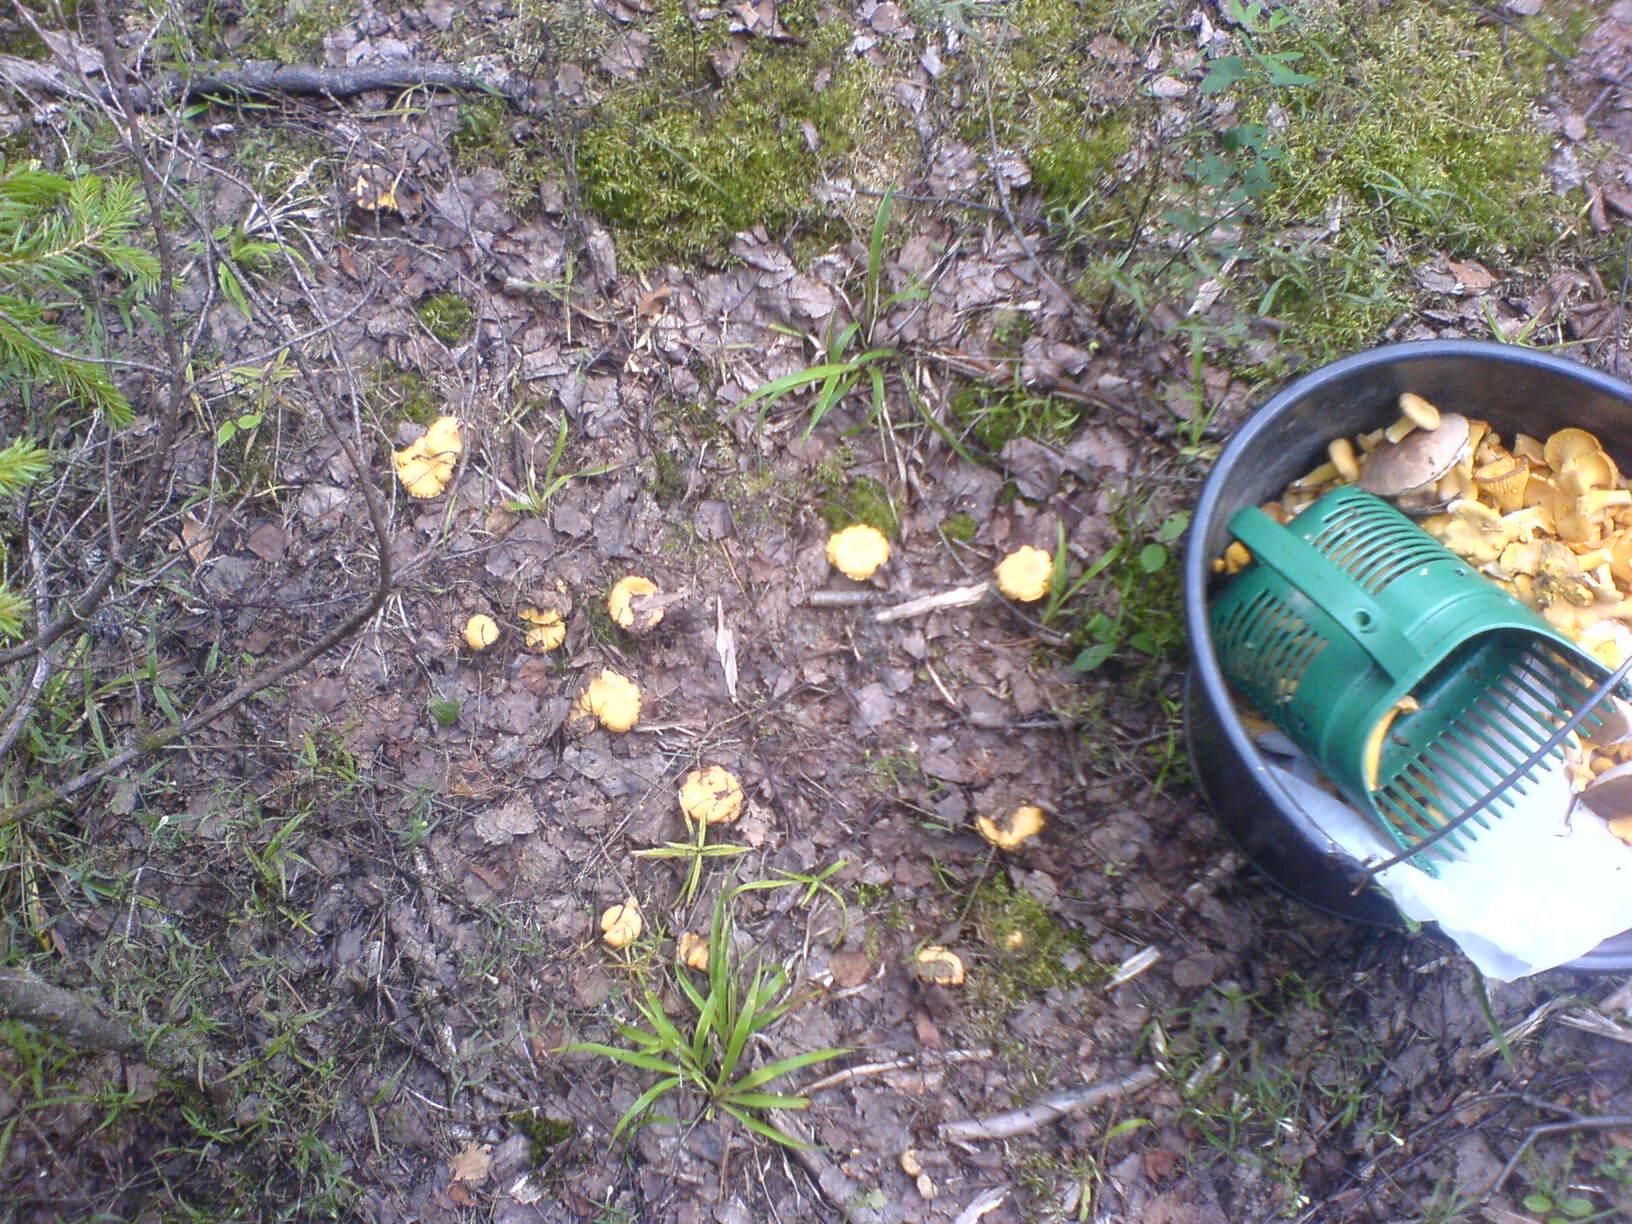 Сегодня все-таки вырвался за грибами. Удачно.